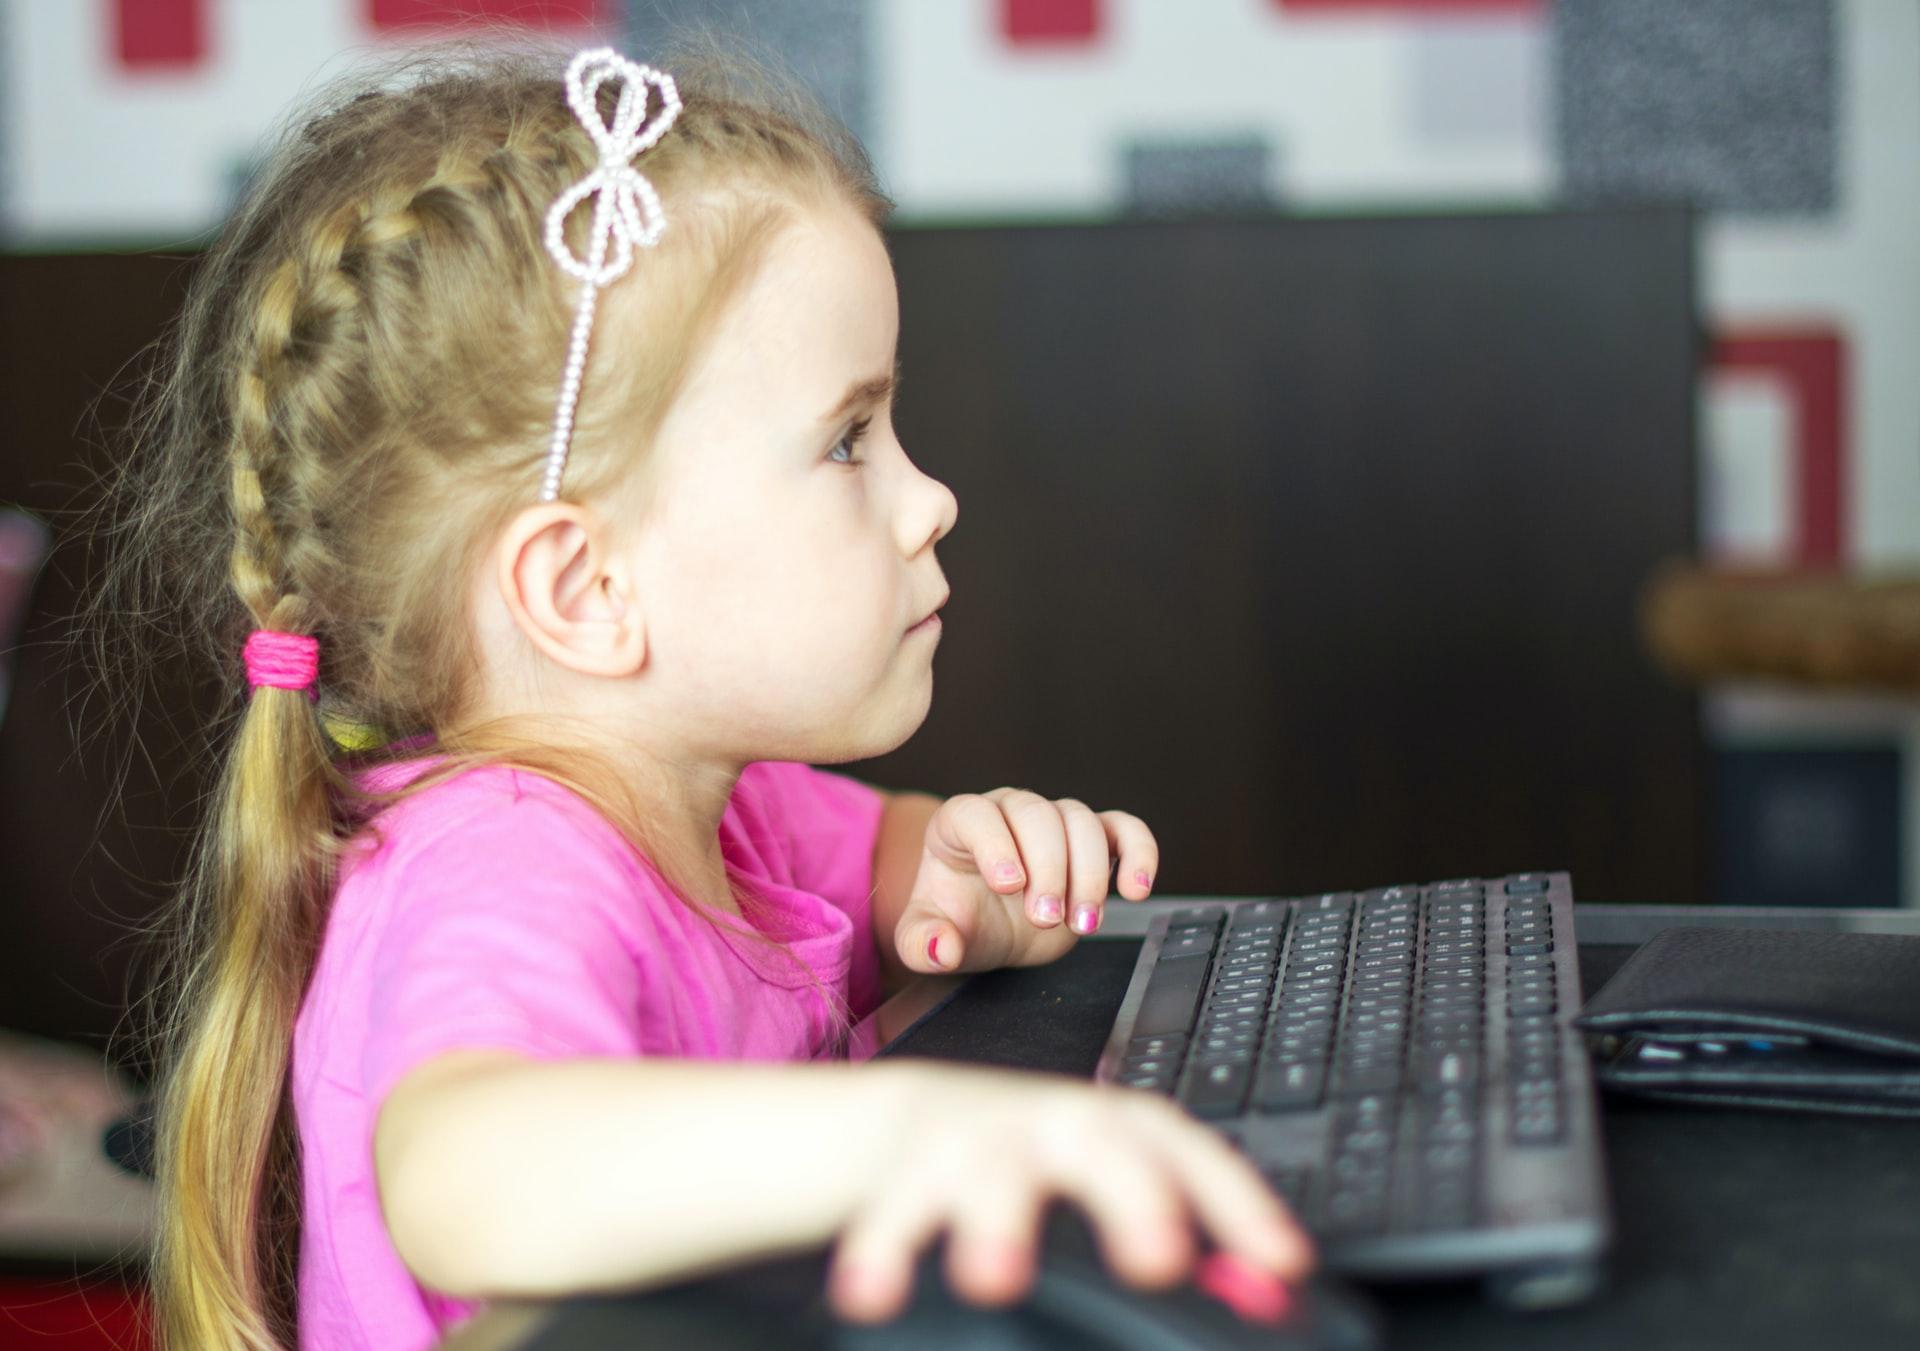 Крупнейшие интернет-компании России подписали хартию по защите детей в Сети